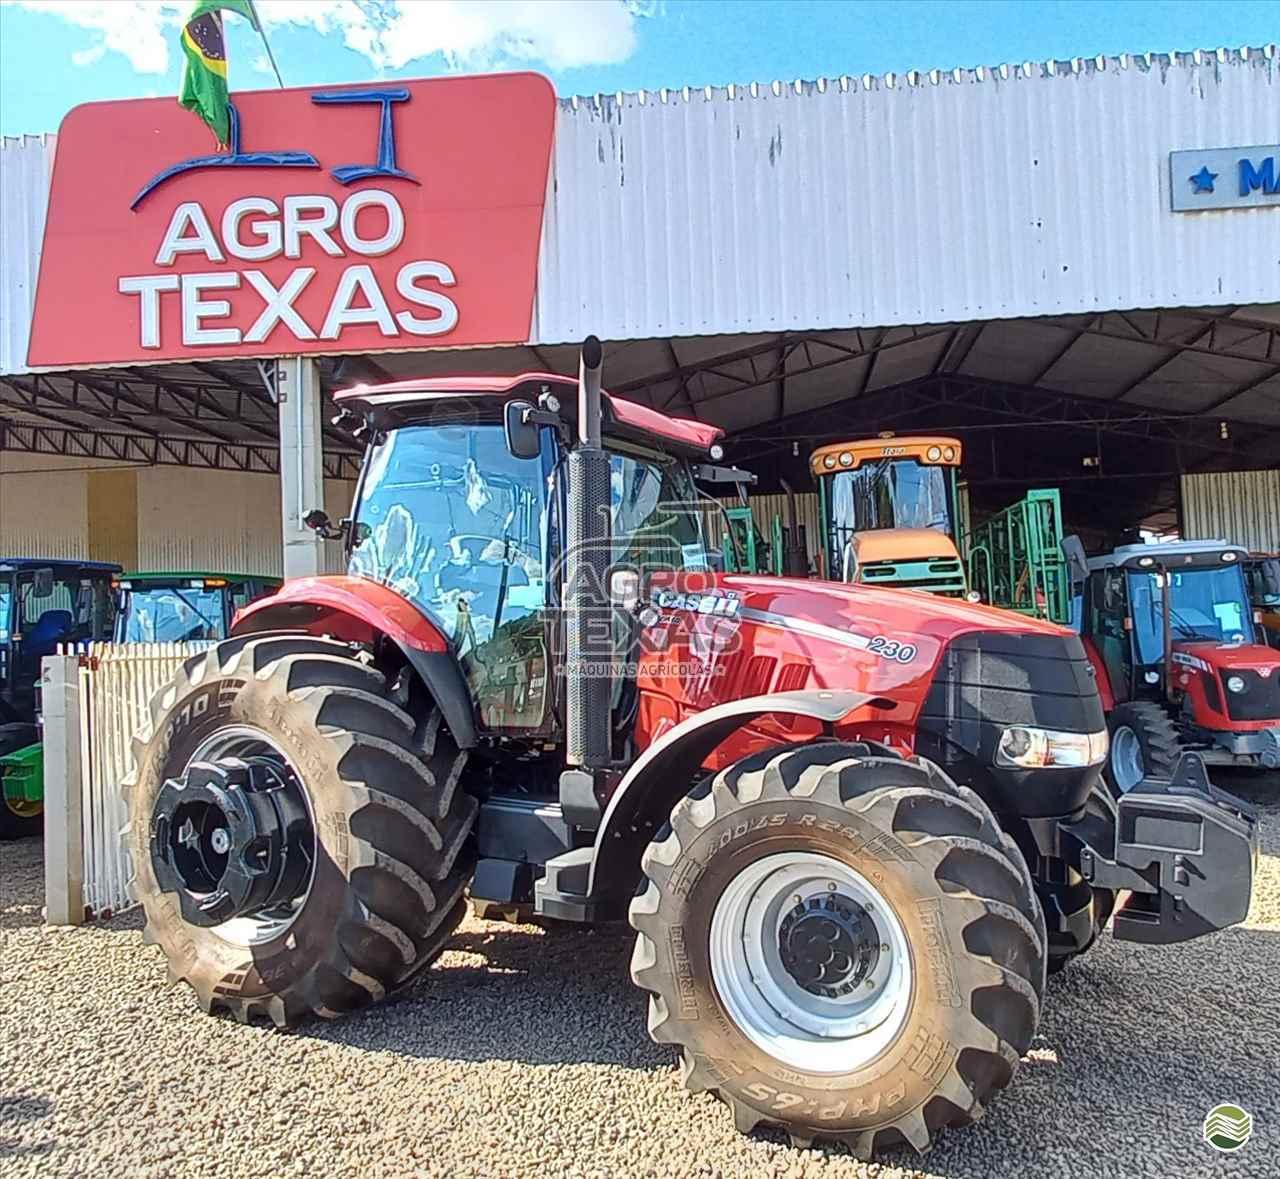 TRATOR CASE PUMA 230 Tração 4x4 Agro Texas Máquinas Agrícolas VITORINO PARANÁ PR